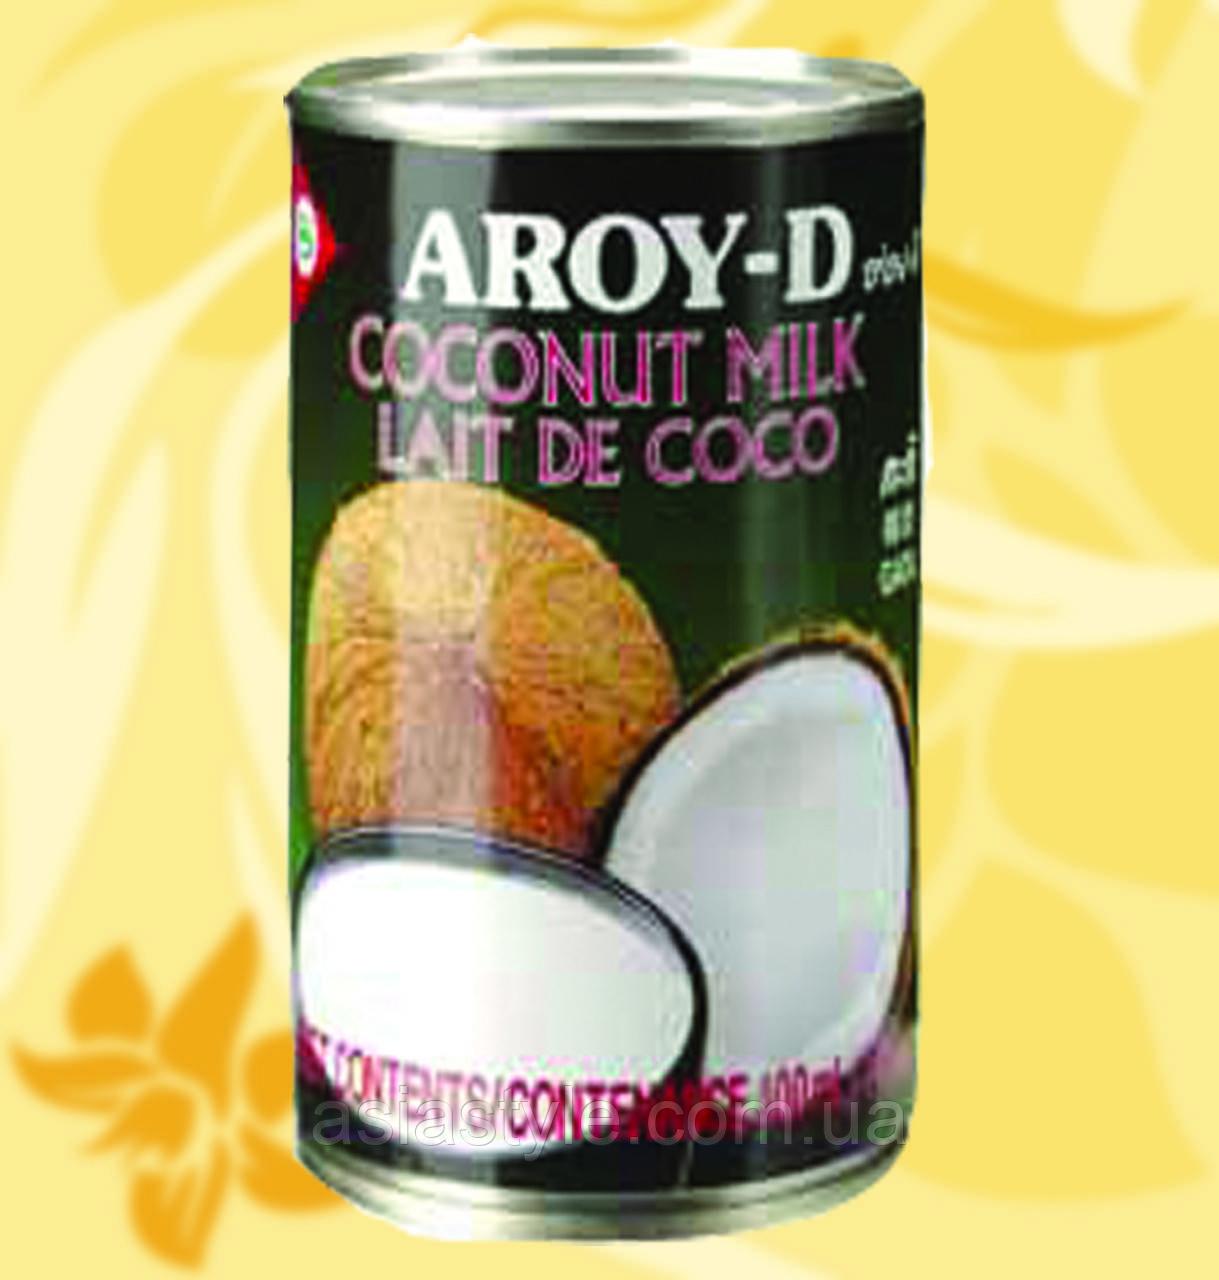 Кокосове молоко, Aroy-D, 400мл,18,5%, СхЧСп